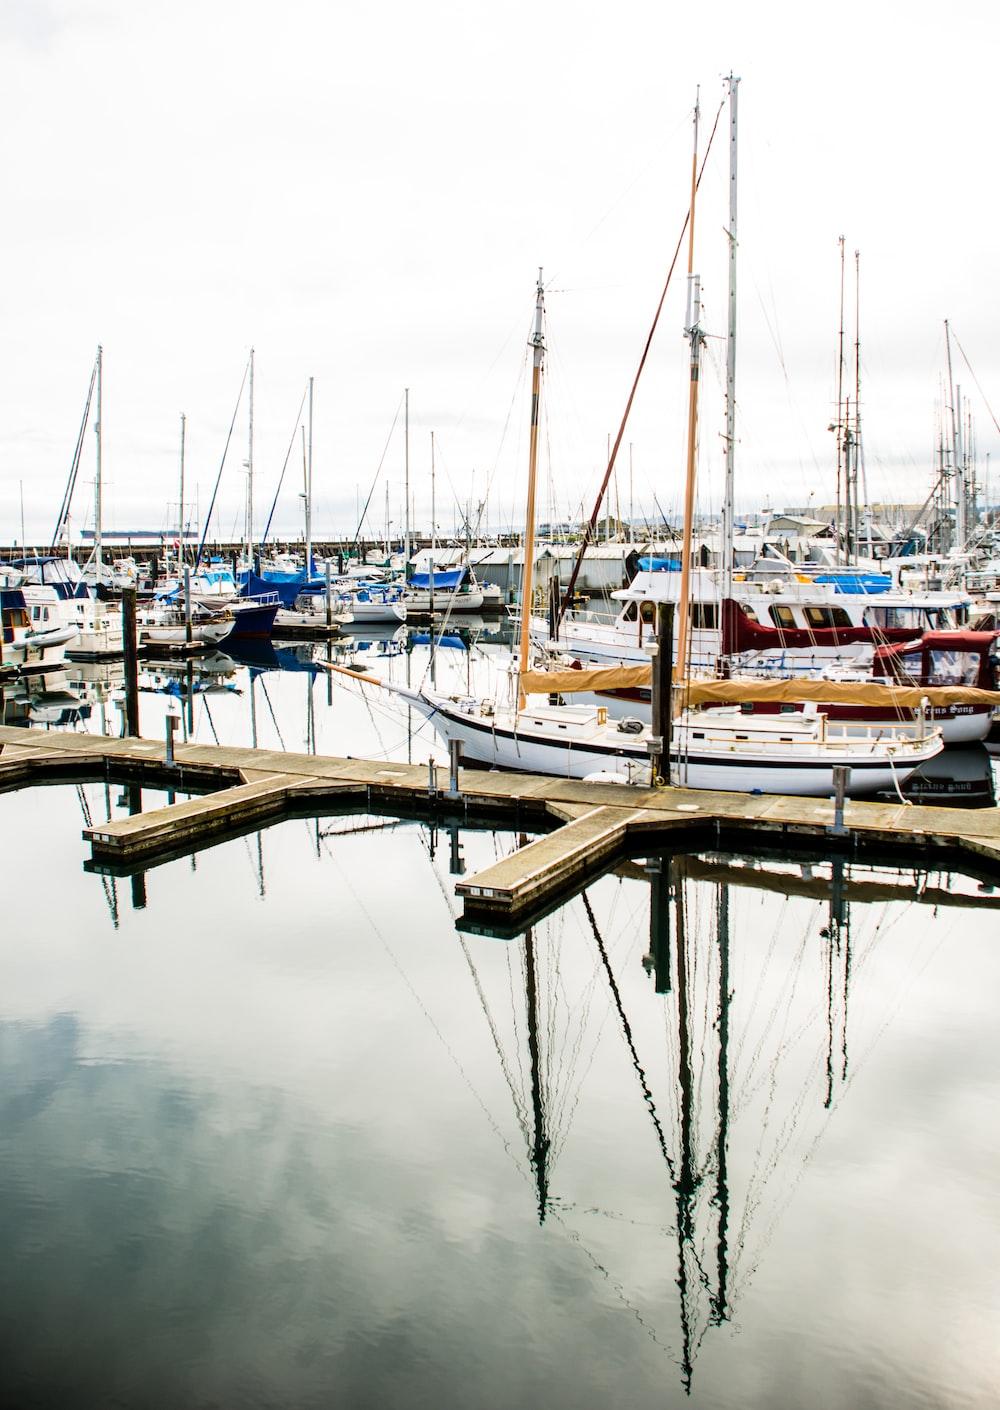 boats parking at dock